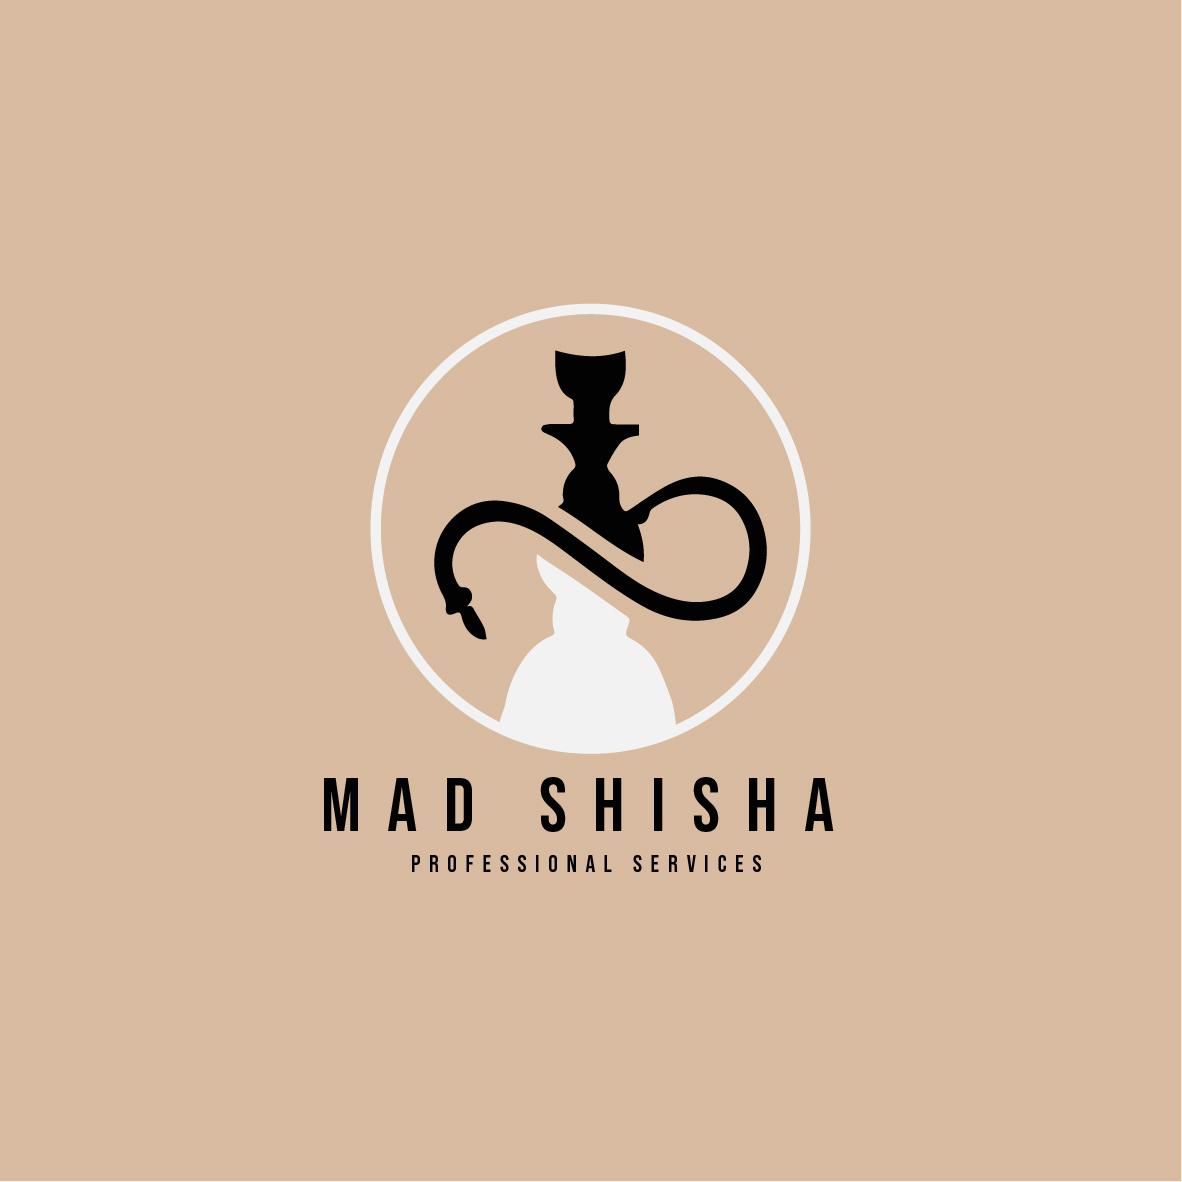 MAD SHISHA SIMBOLO